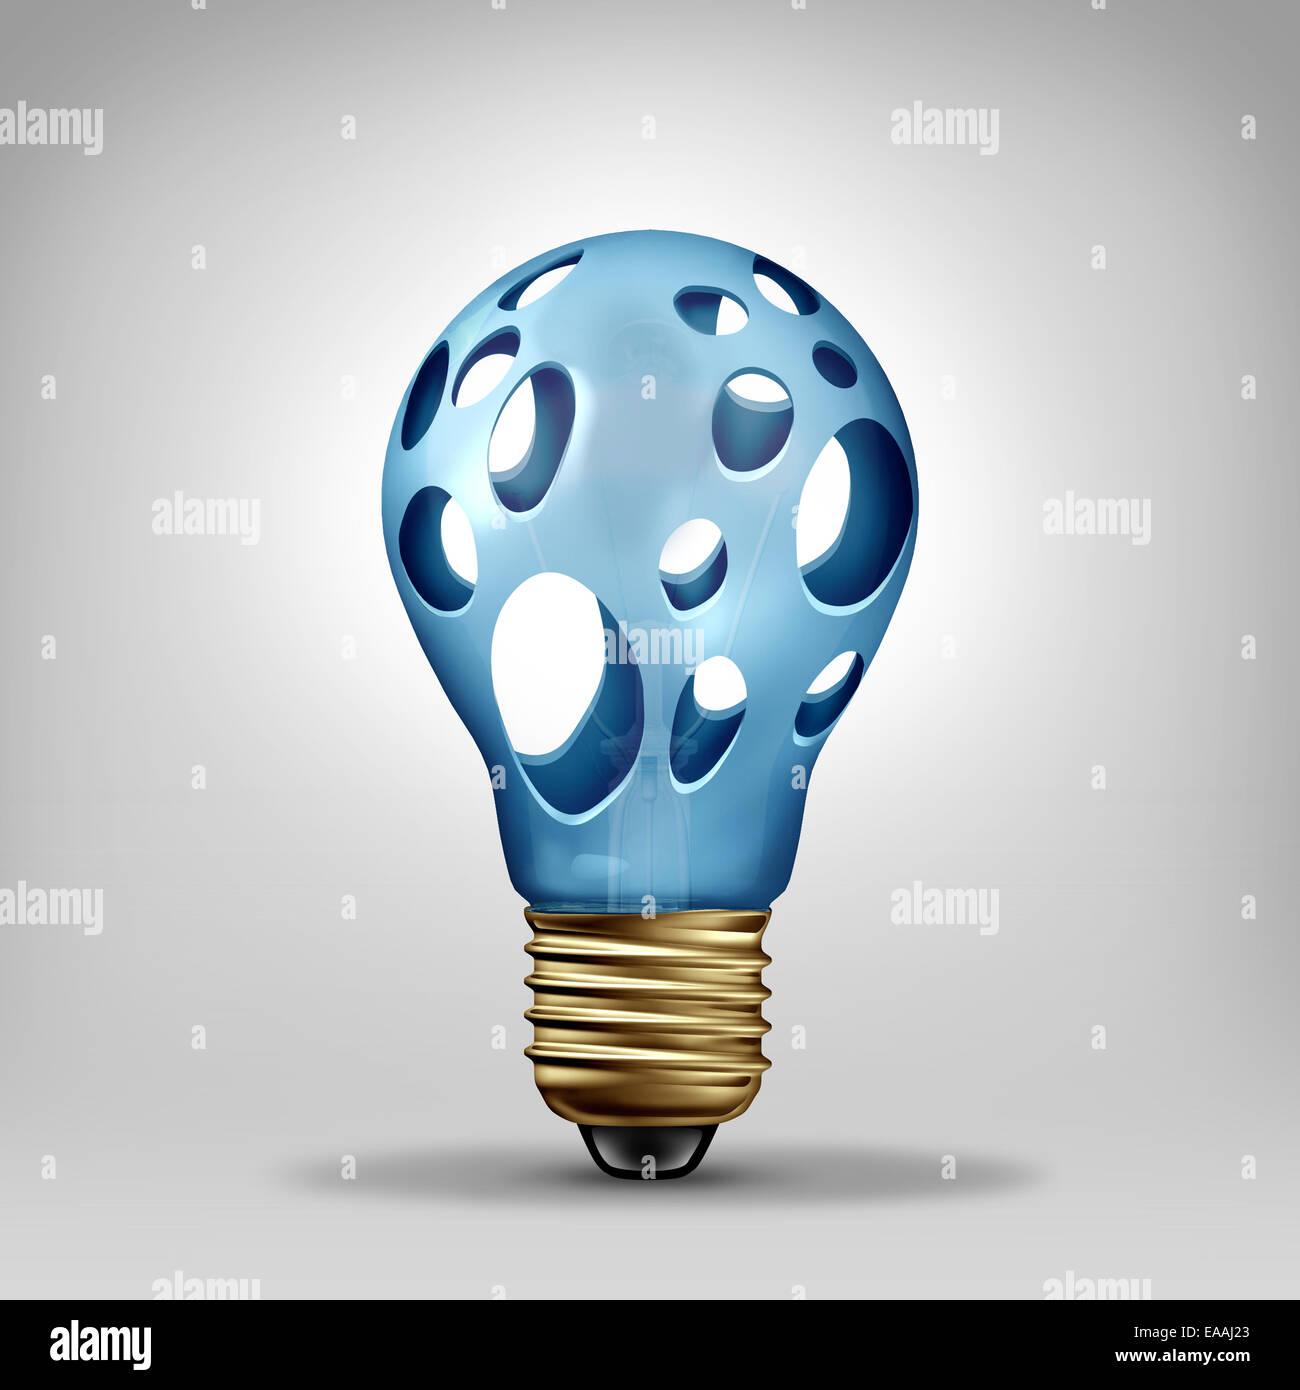 Idea problema il concetto di creatività e simbolo di crisi come una lampadina con fori vuoti come un icona per investire Foto Stock